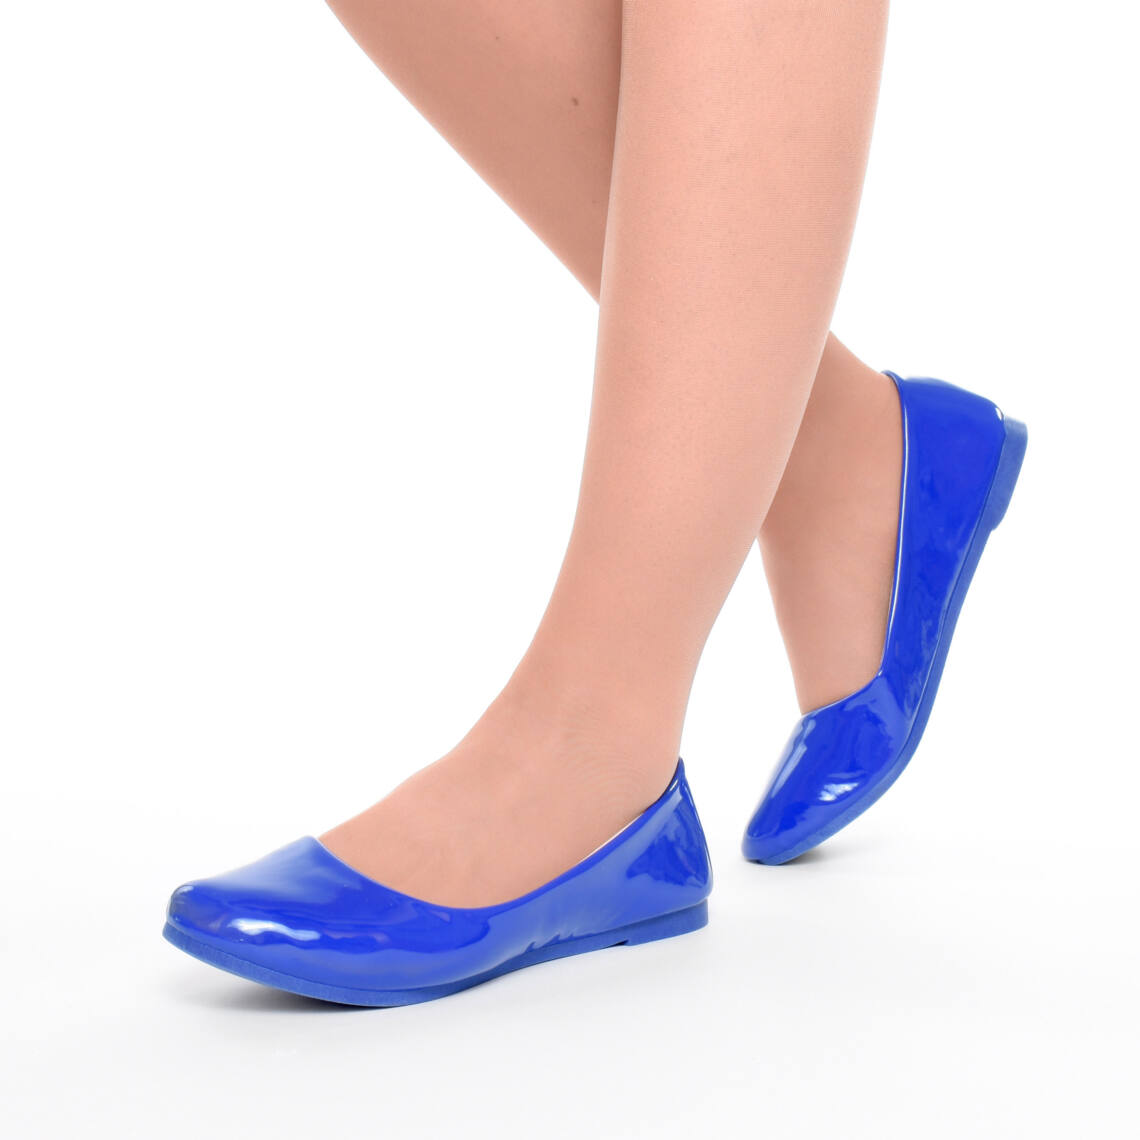 85fd981419 Női Kék Lakk Balerina Cipő - BALERINA CIPŐK - Női cipő webáruház-női ...